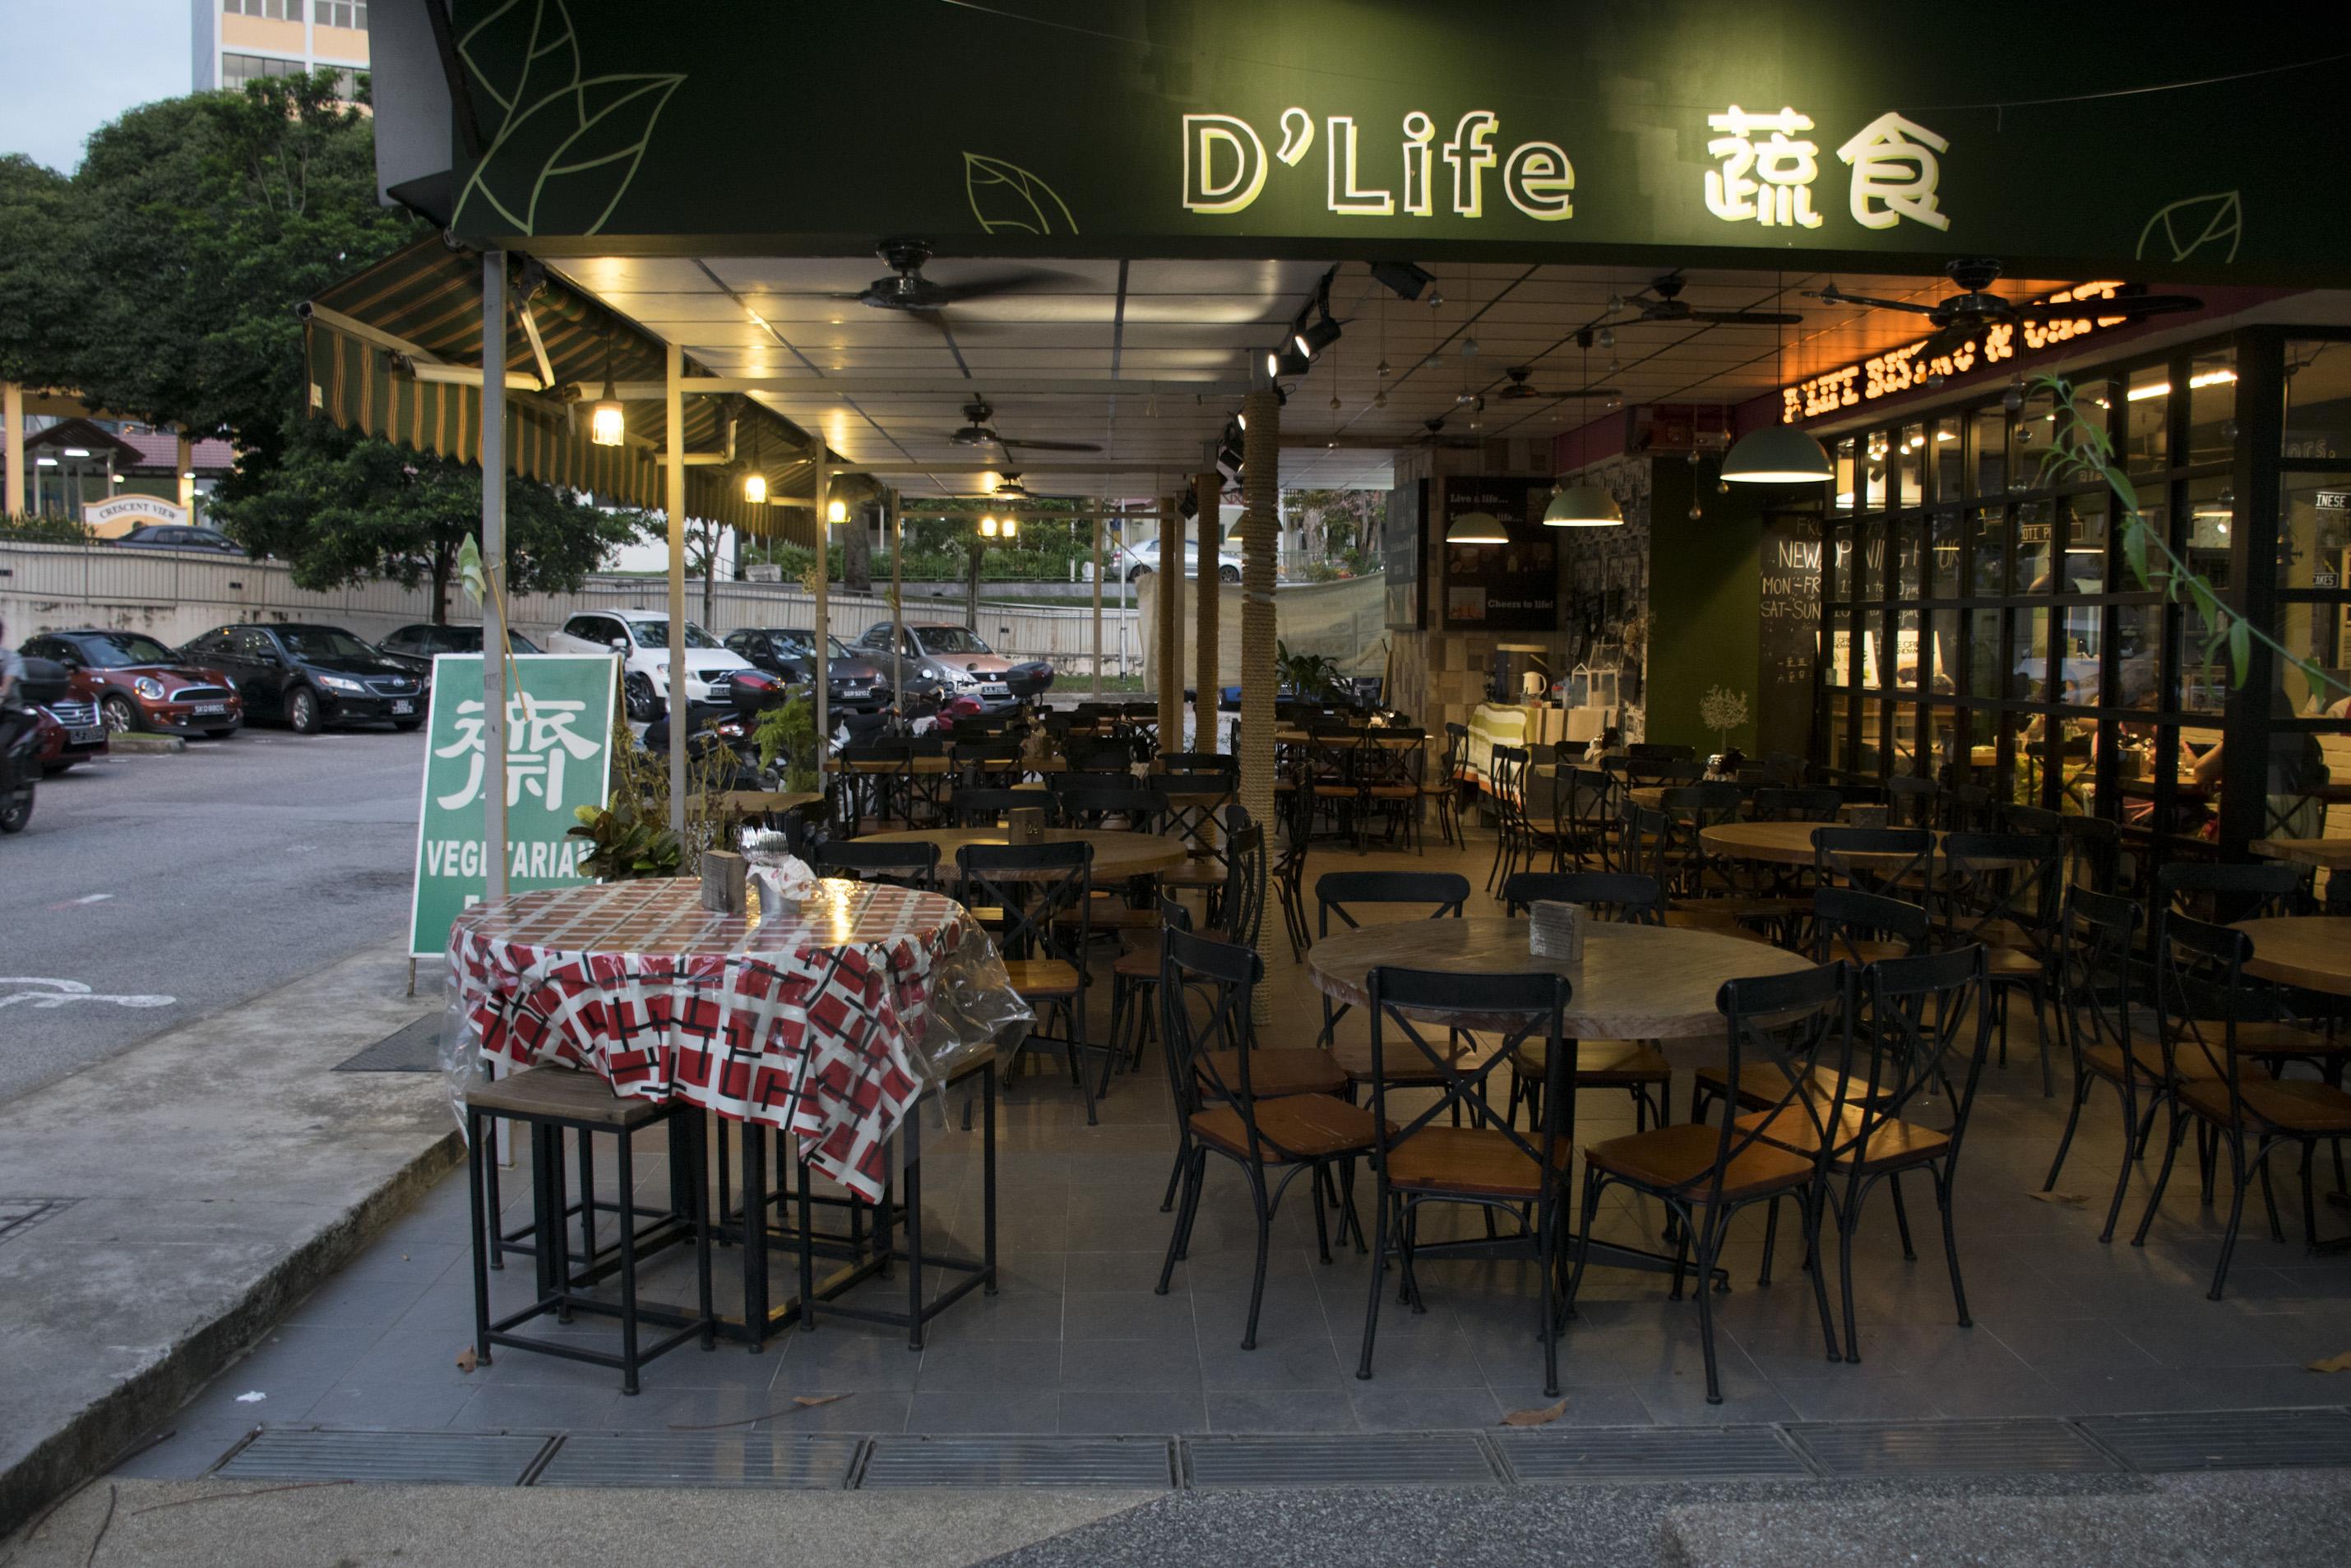 d'life cafe